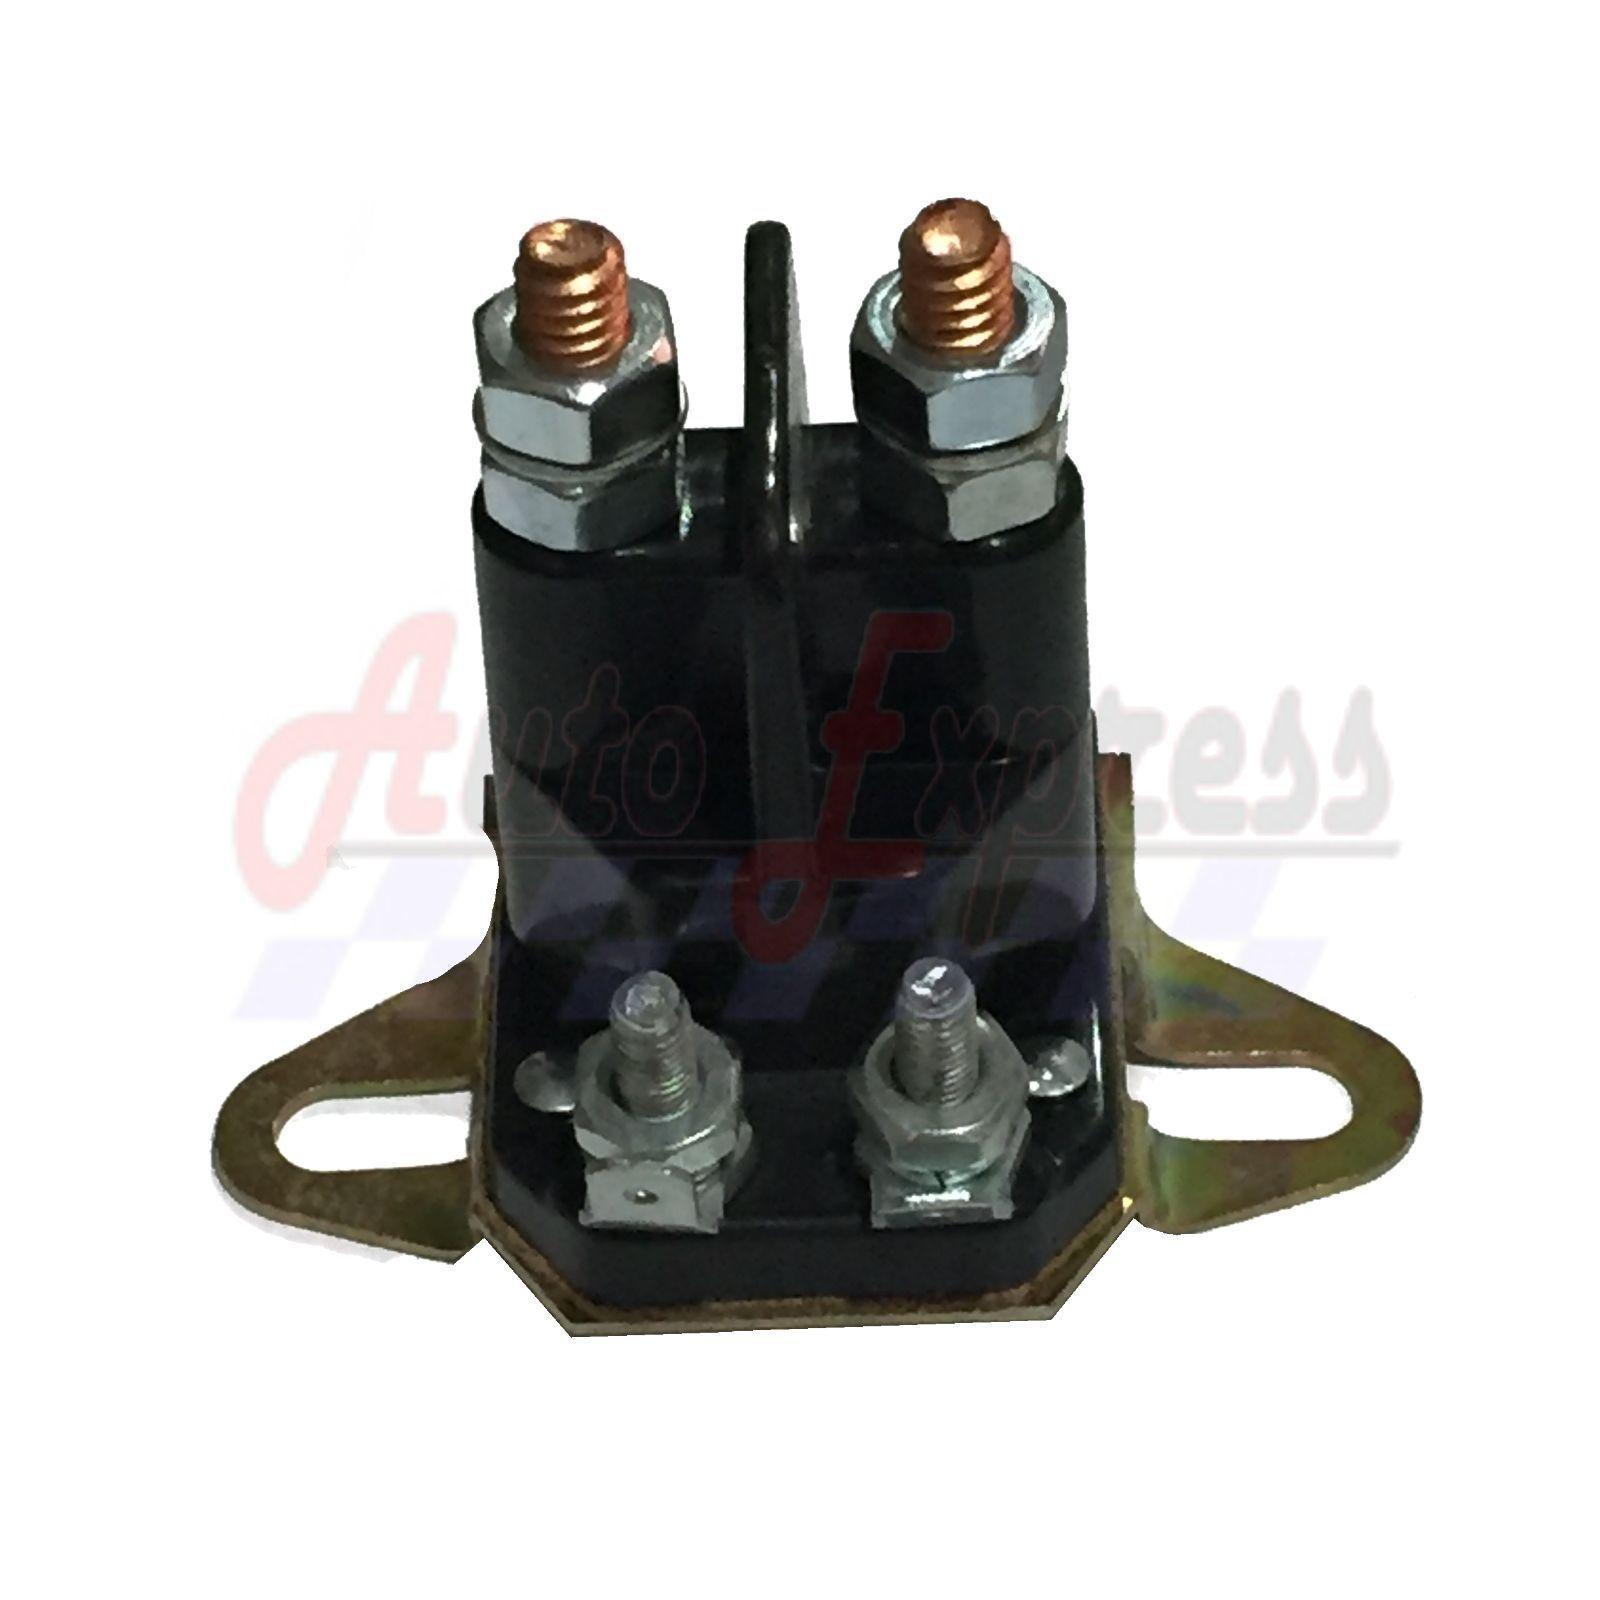 Starter Solenoid 12V  TORO 884-1221-210-02, 894-1221-210, 892-1221-210, 94285 - $32.50